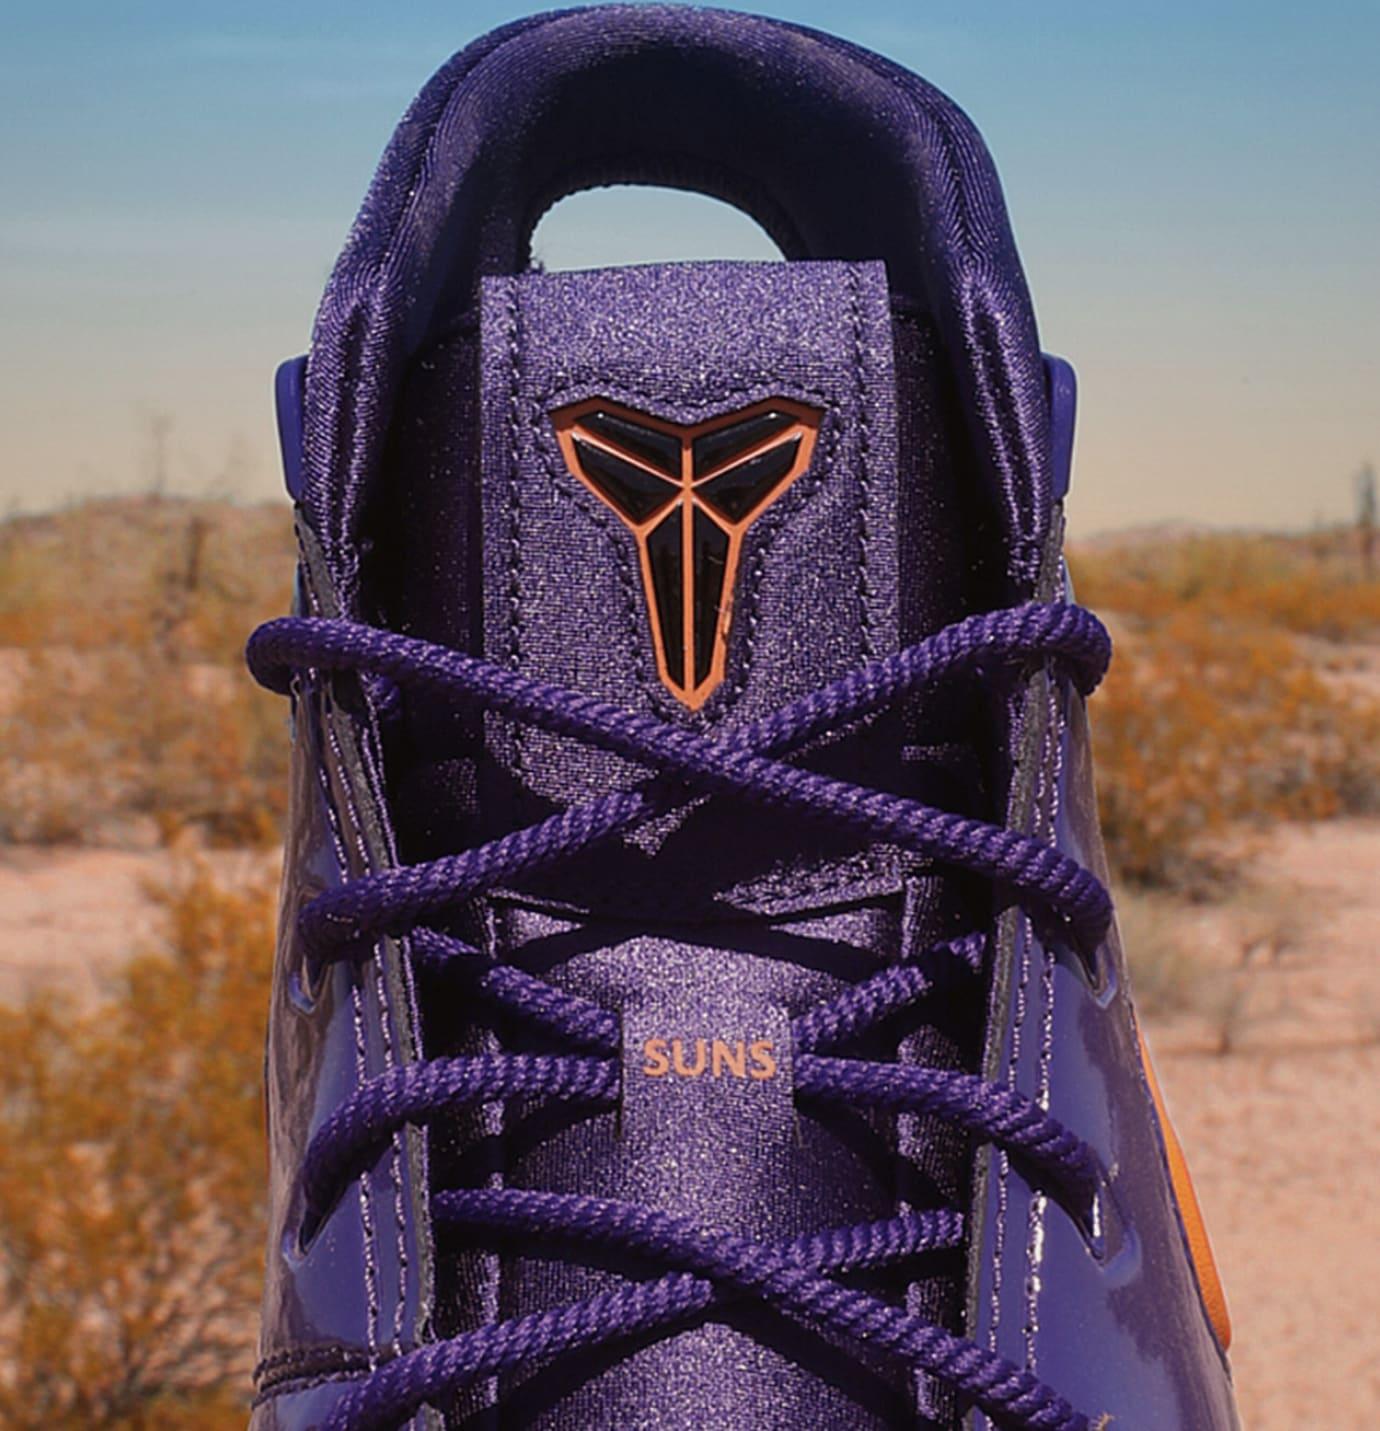 Nike Kobe 1 Protro 'Devin Booker PE' 3